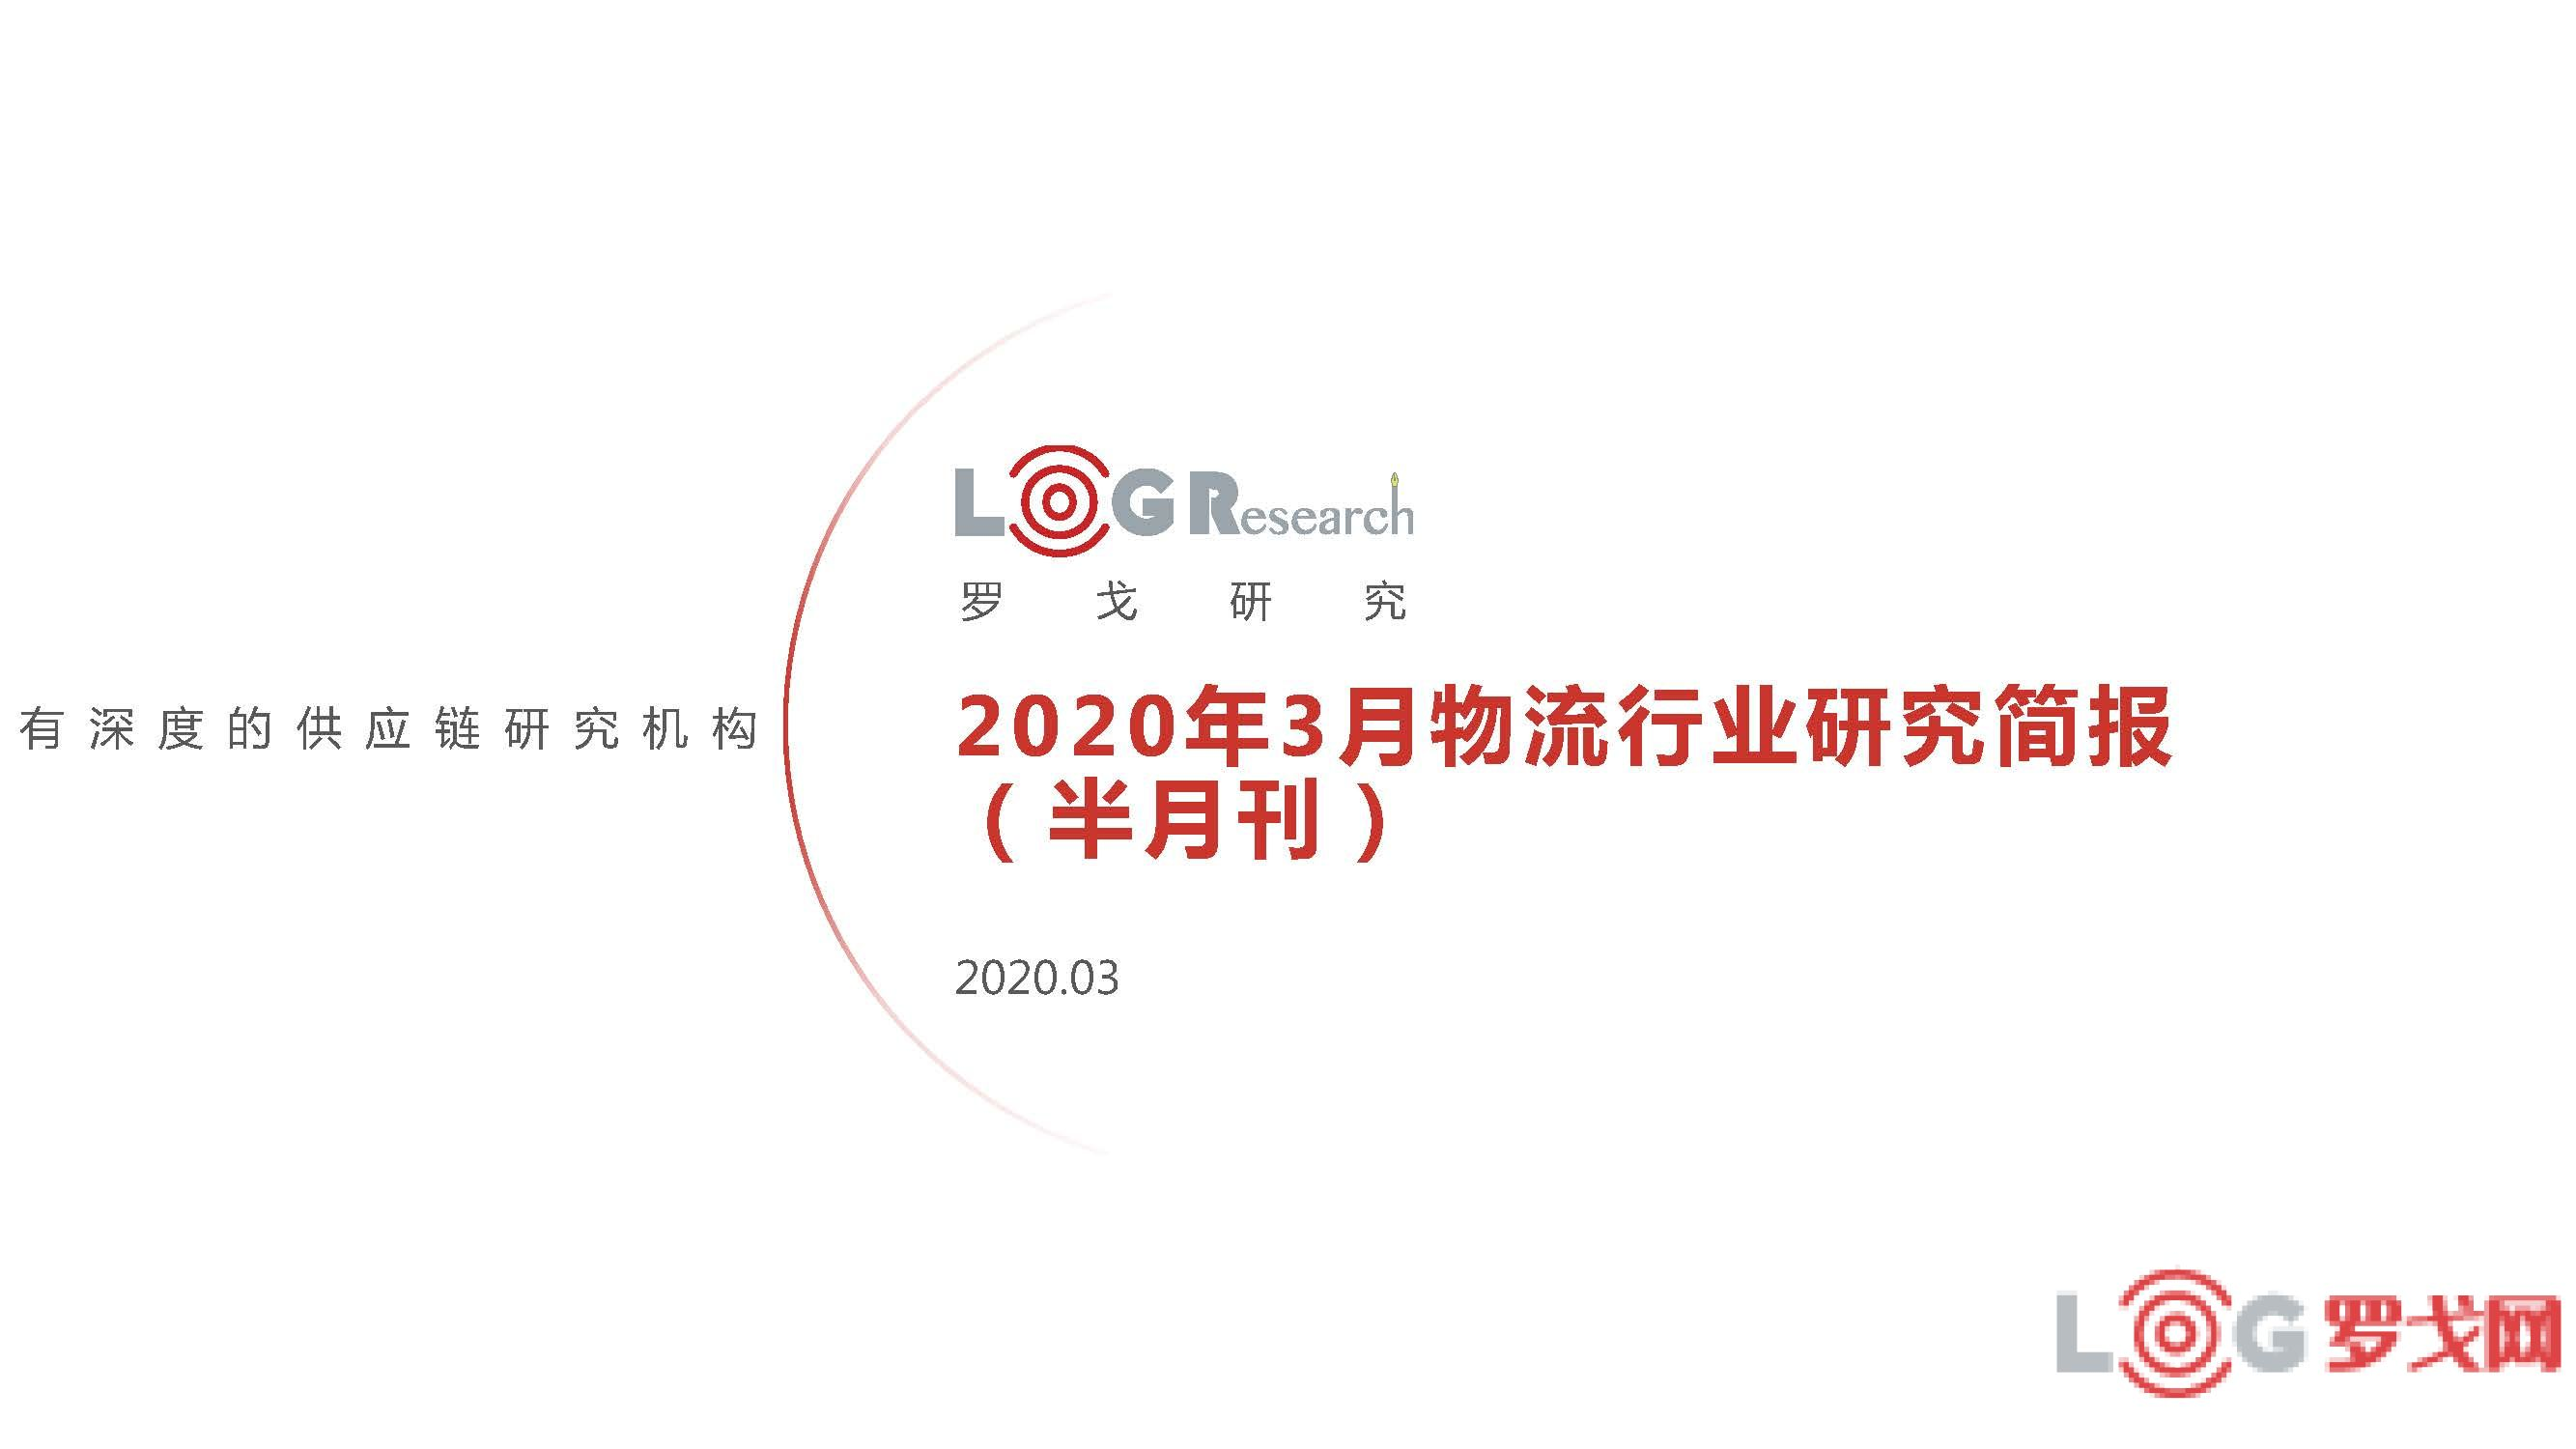 2020年3月物流行业研究(半月刊)